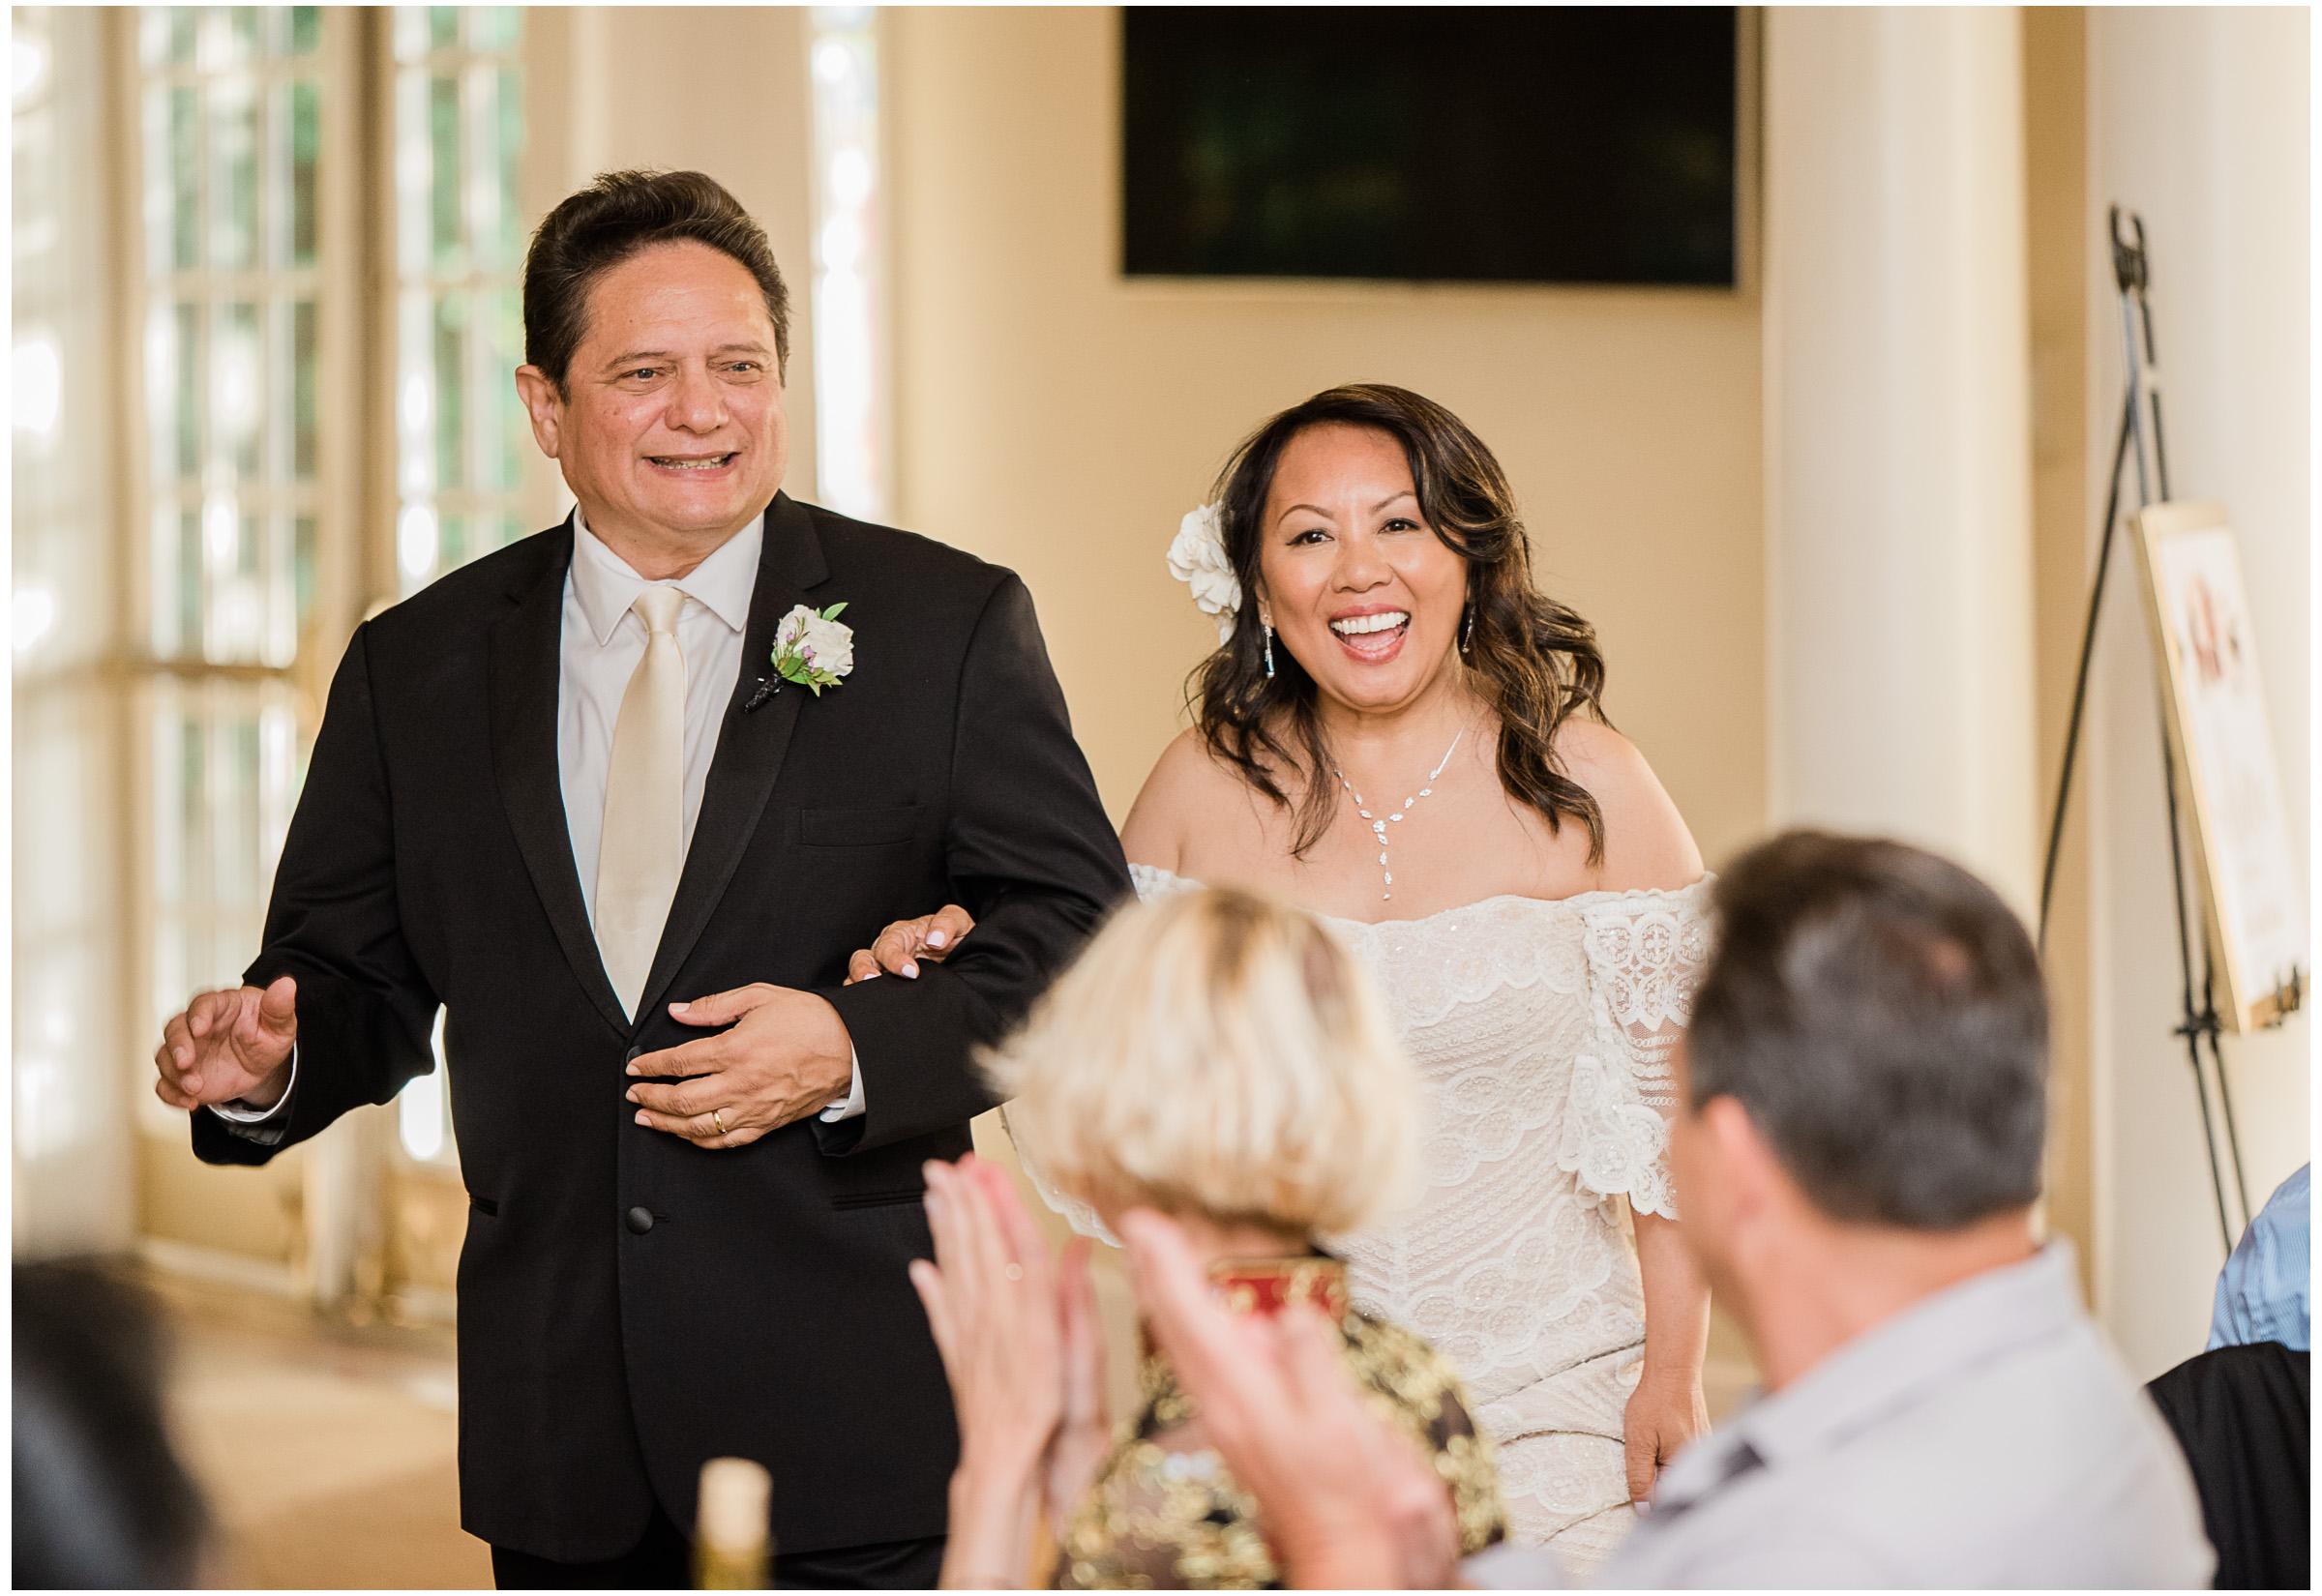 Sacramento Wedding - Sacramento Photographer - Vizcaya - Justin Wilcox Photography - 17.jpg